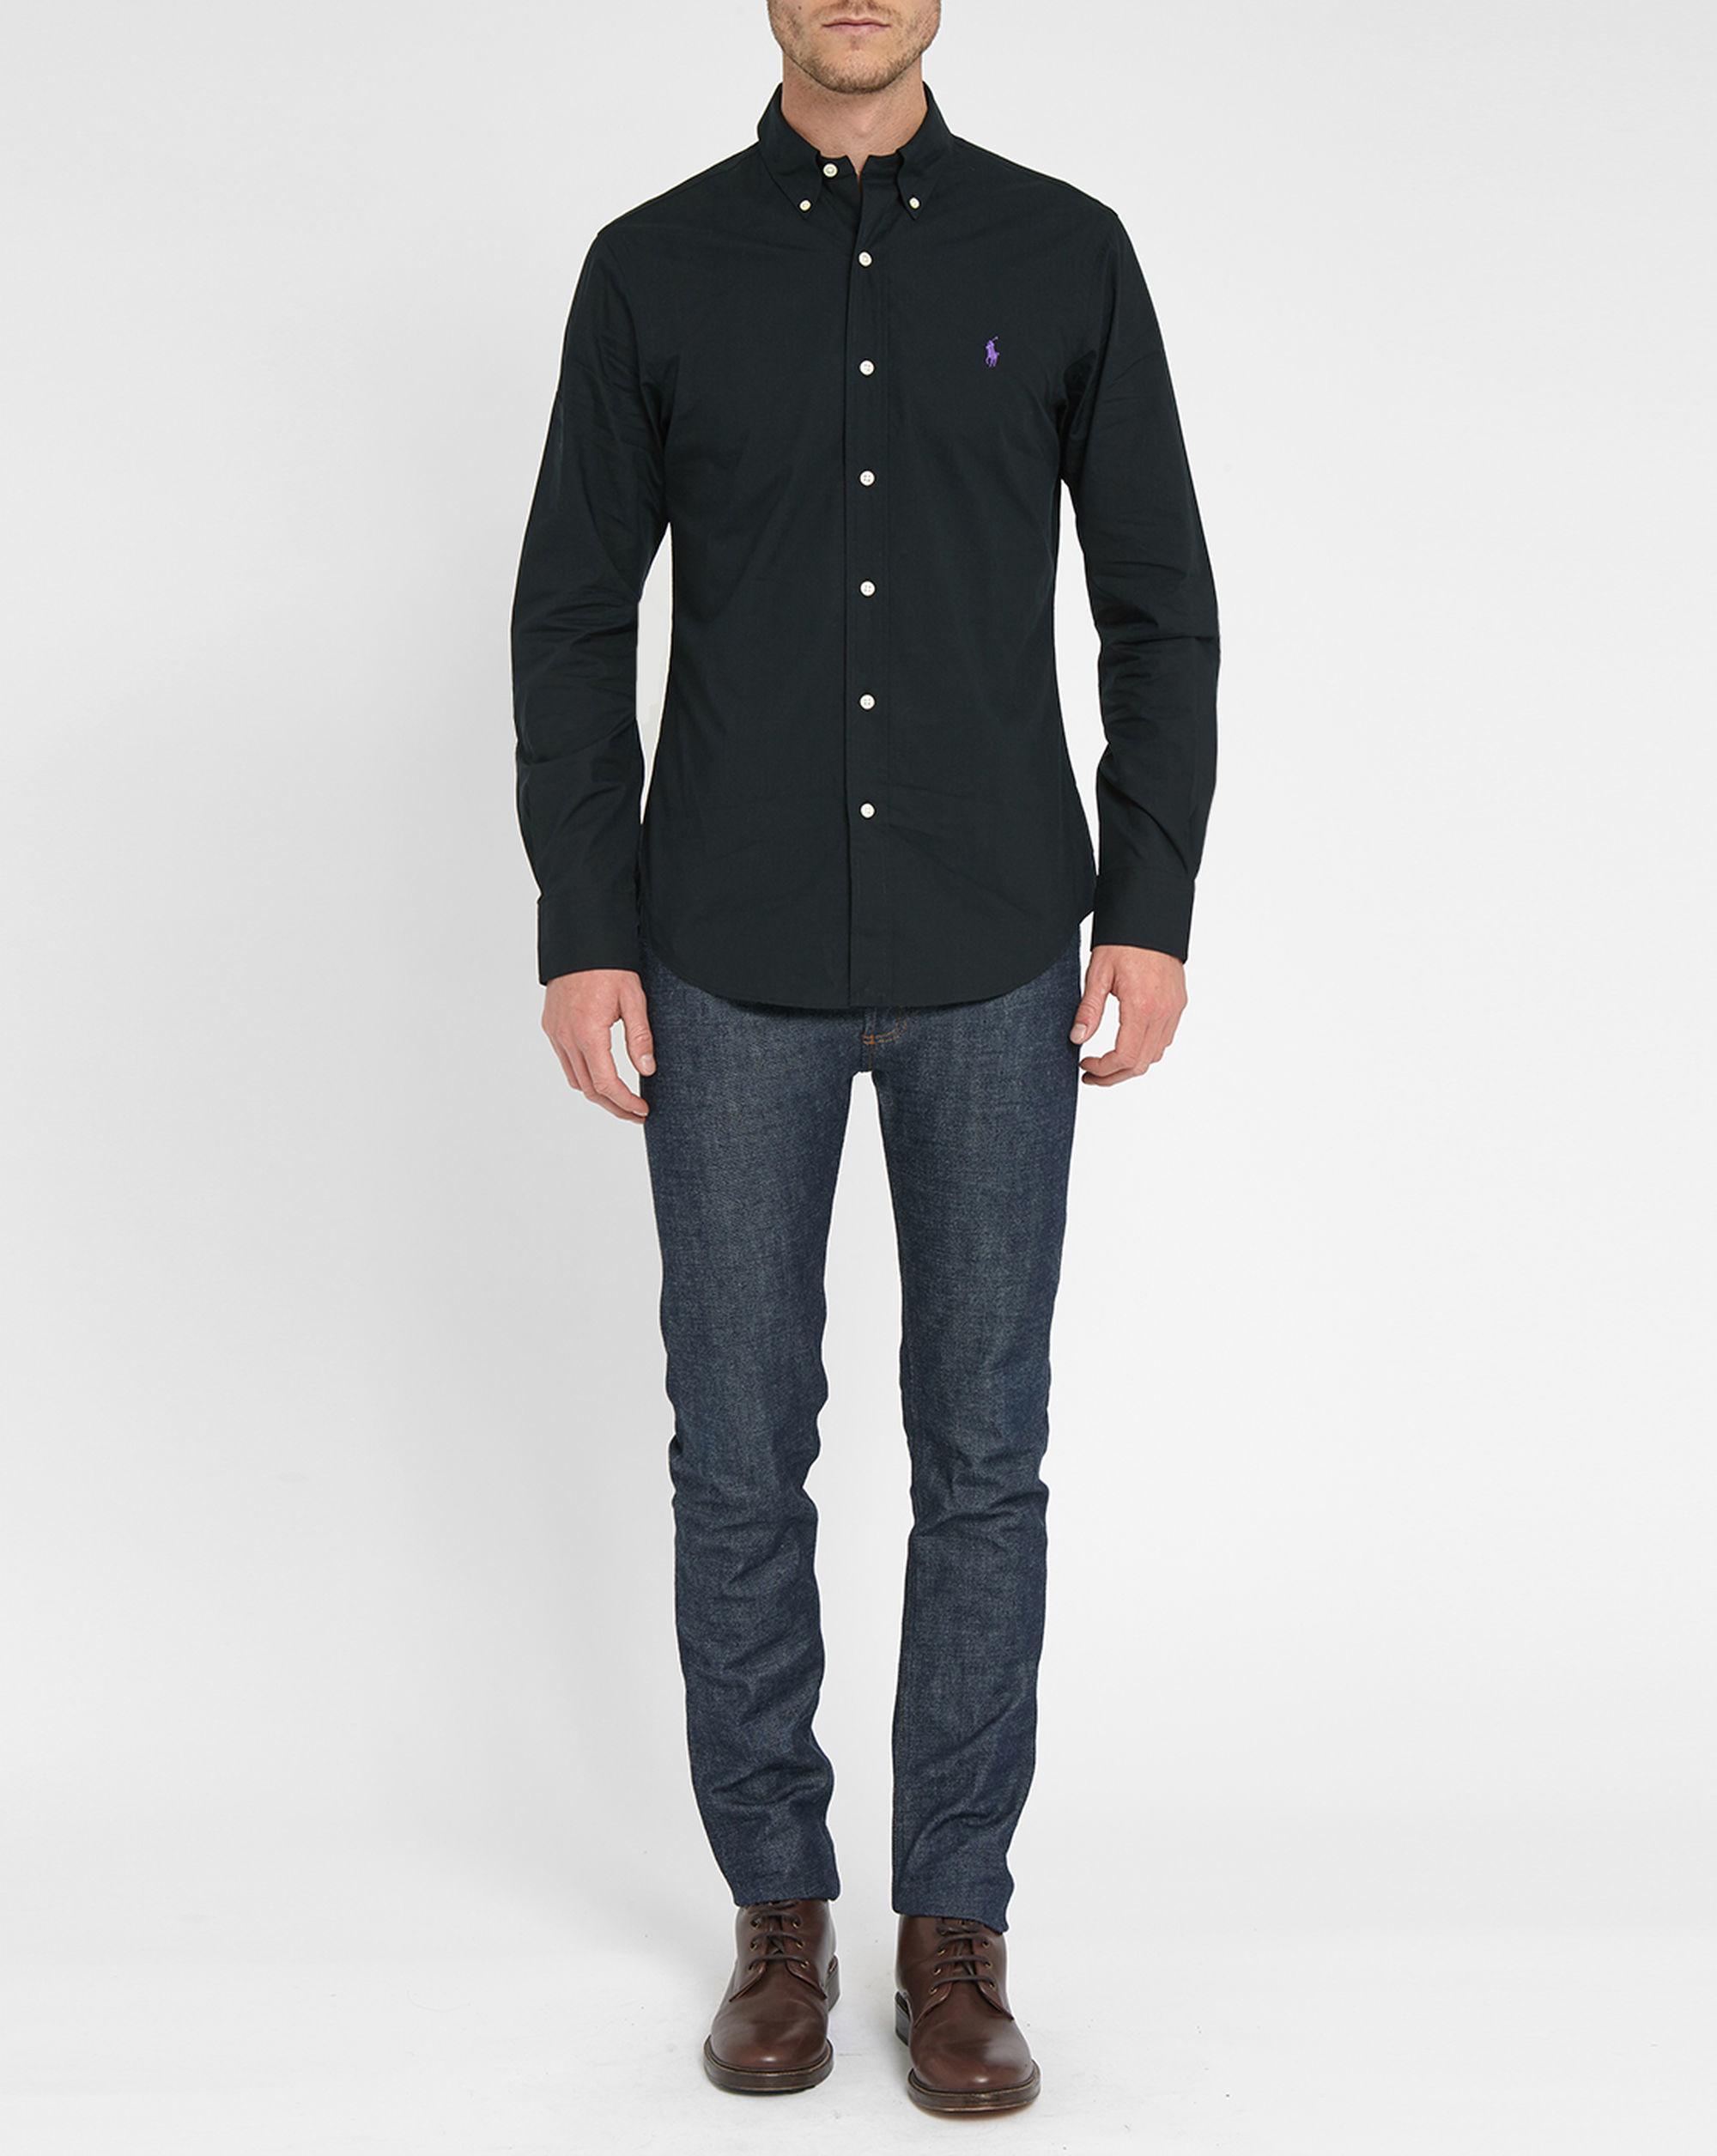 polo ralph lauren black poplin slim fit shirt in black for. Black Bedroom Furniture Sets. Home Design Ideas